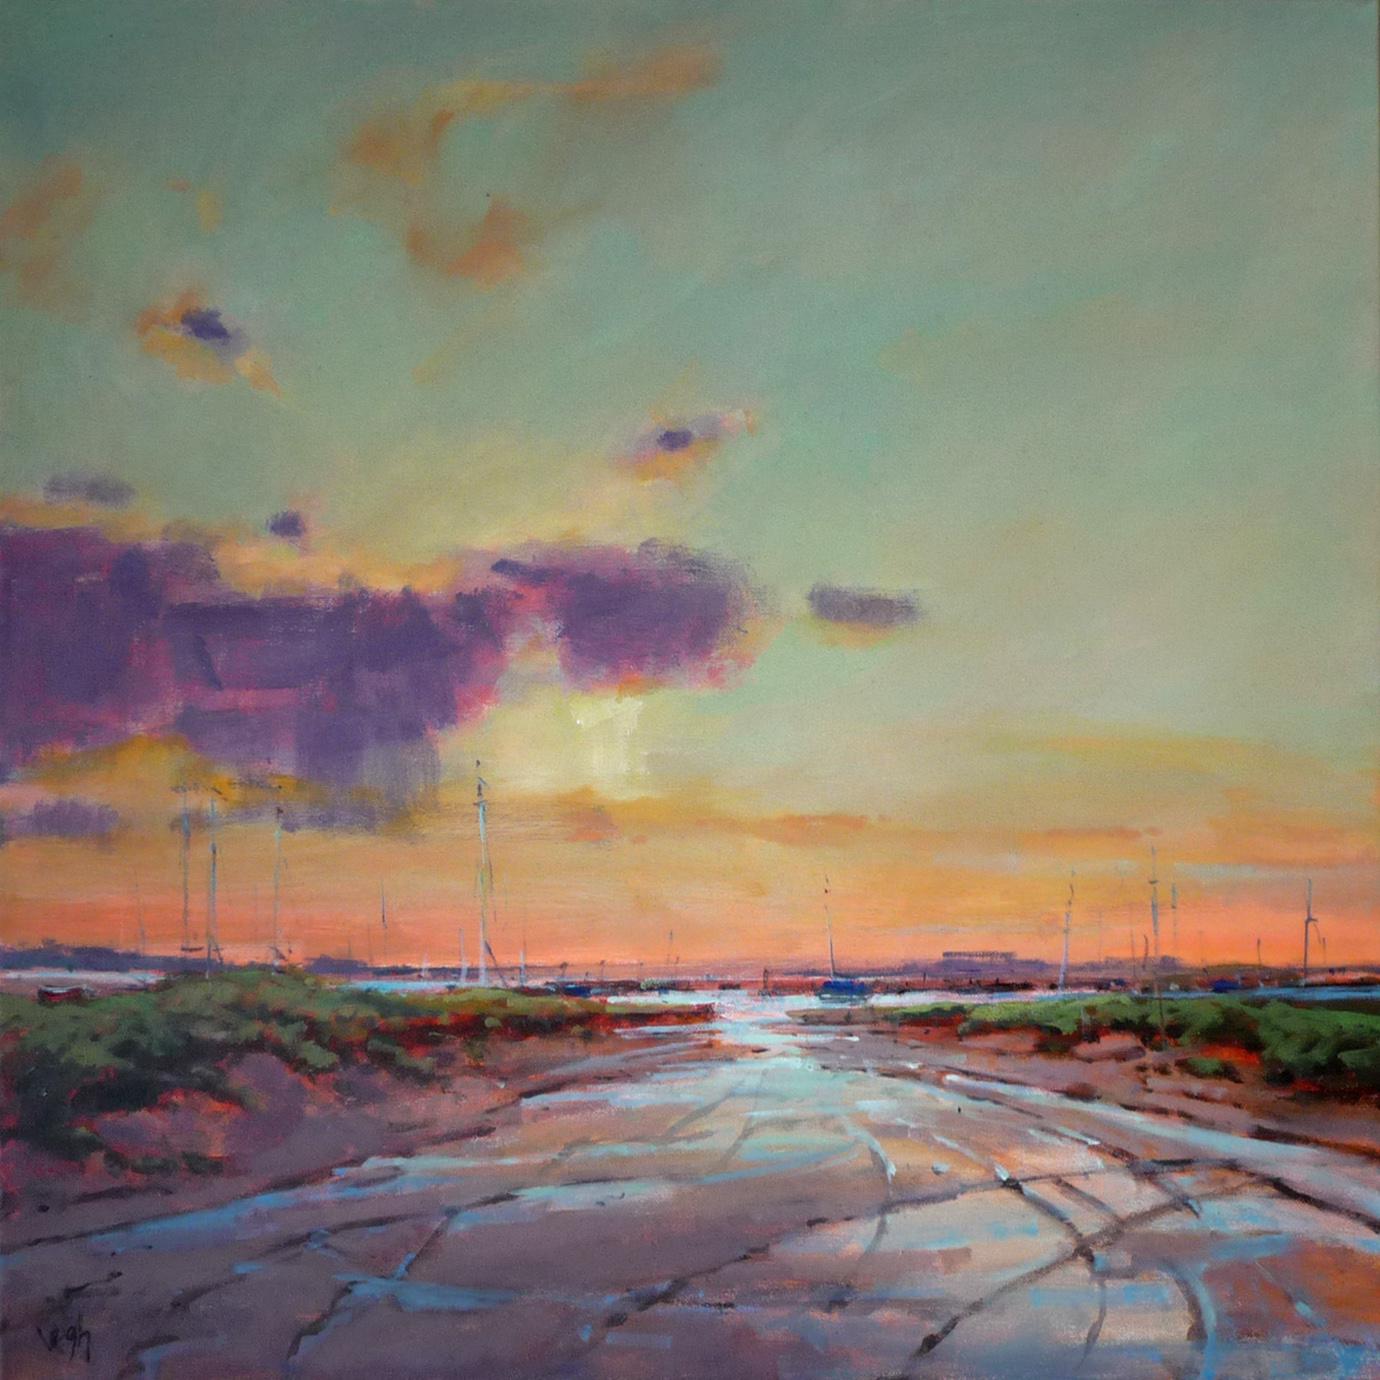 Kunst: ochtendgloren van kunstenaar Cees Vegh